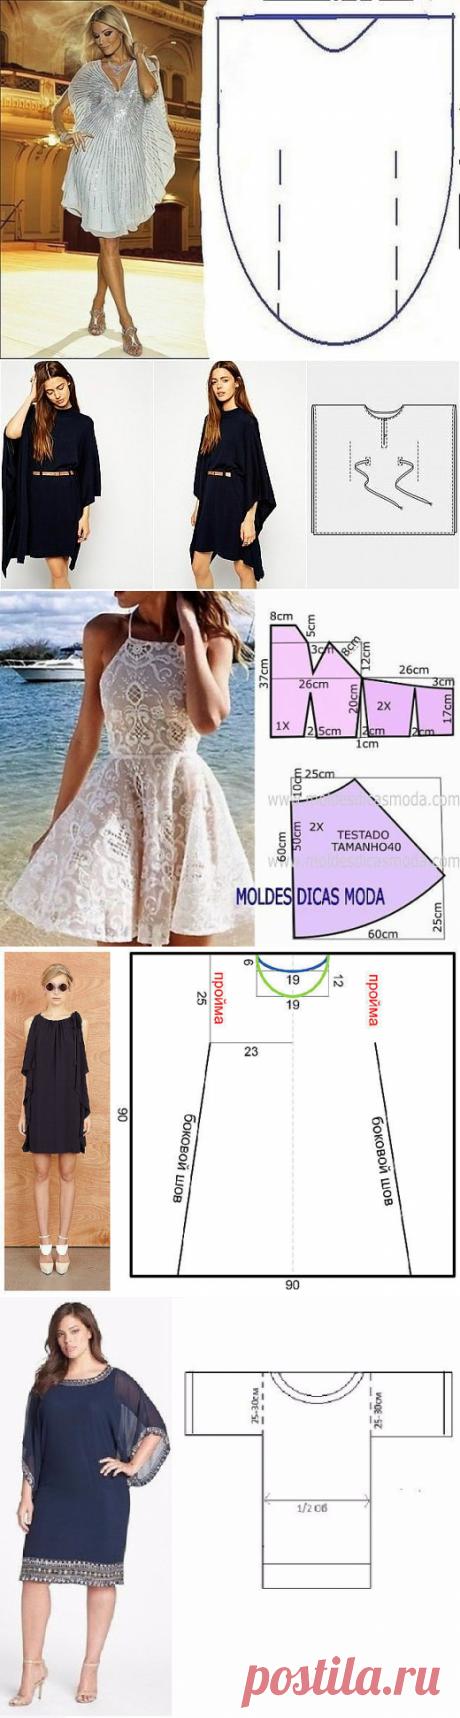 Los patrones, con que ayuda hasta la alumna sabrá coser el vestido por las manos.